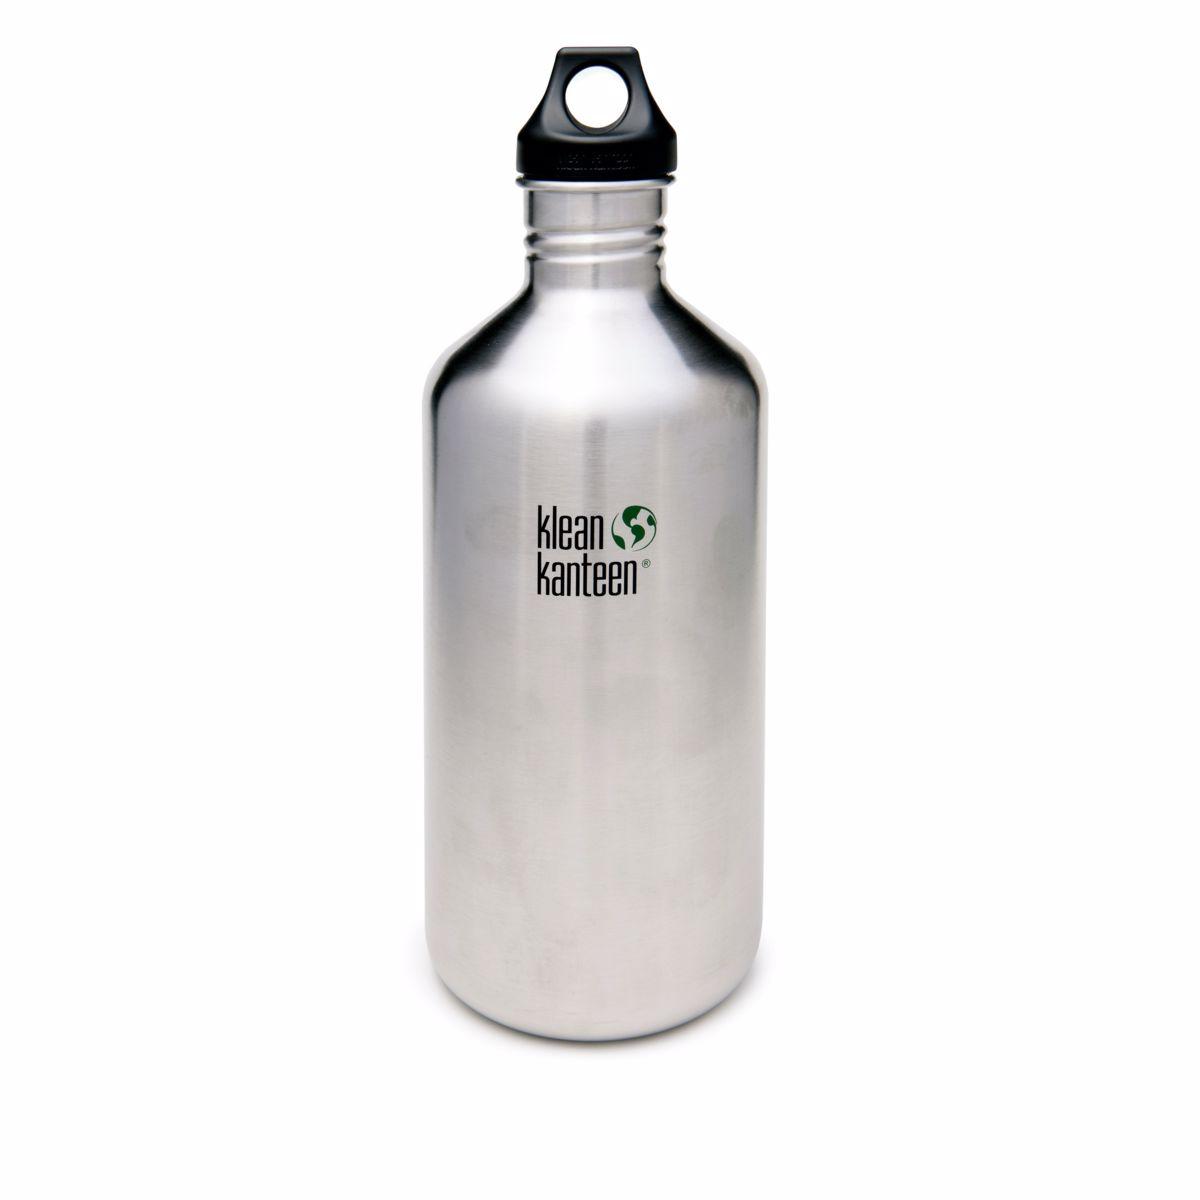 Klean Kanteen fľaša 1 e1f1c96346e